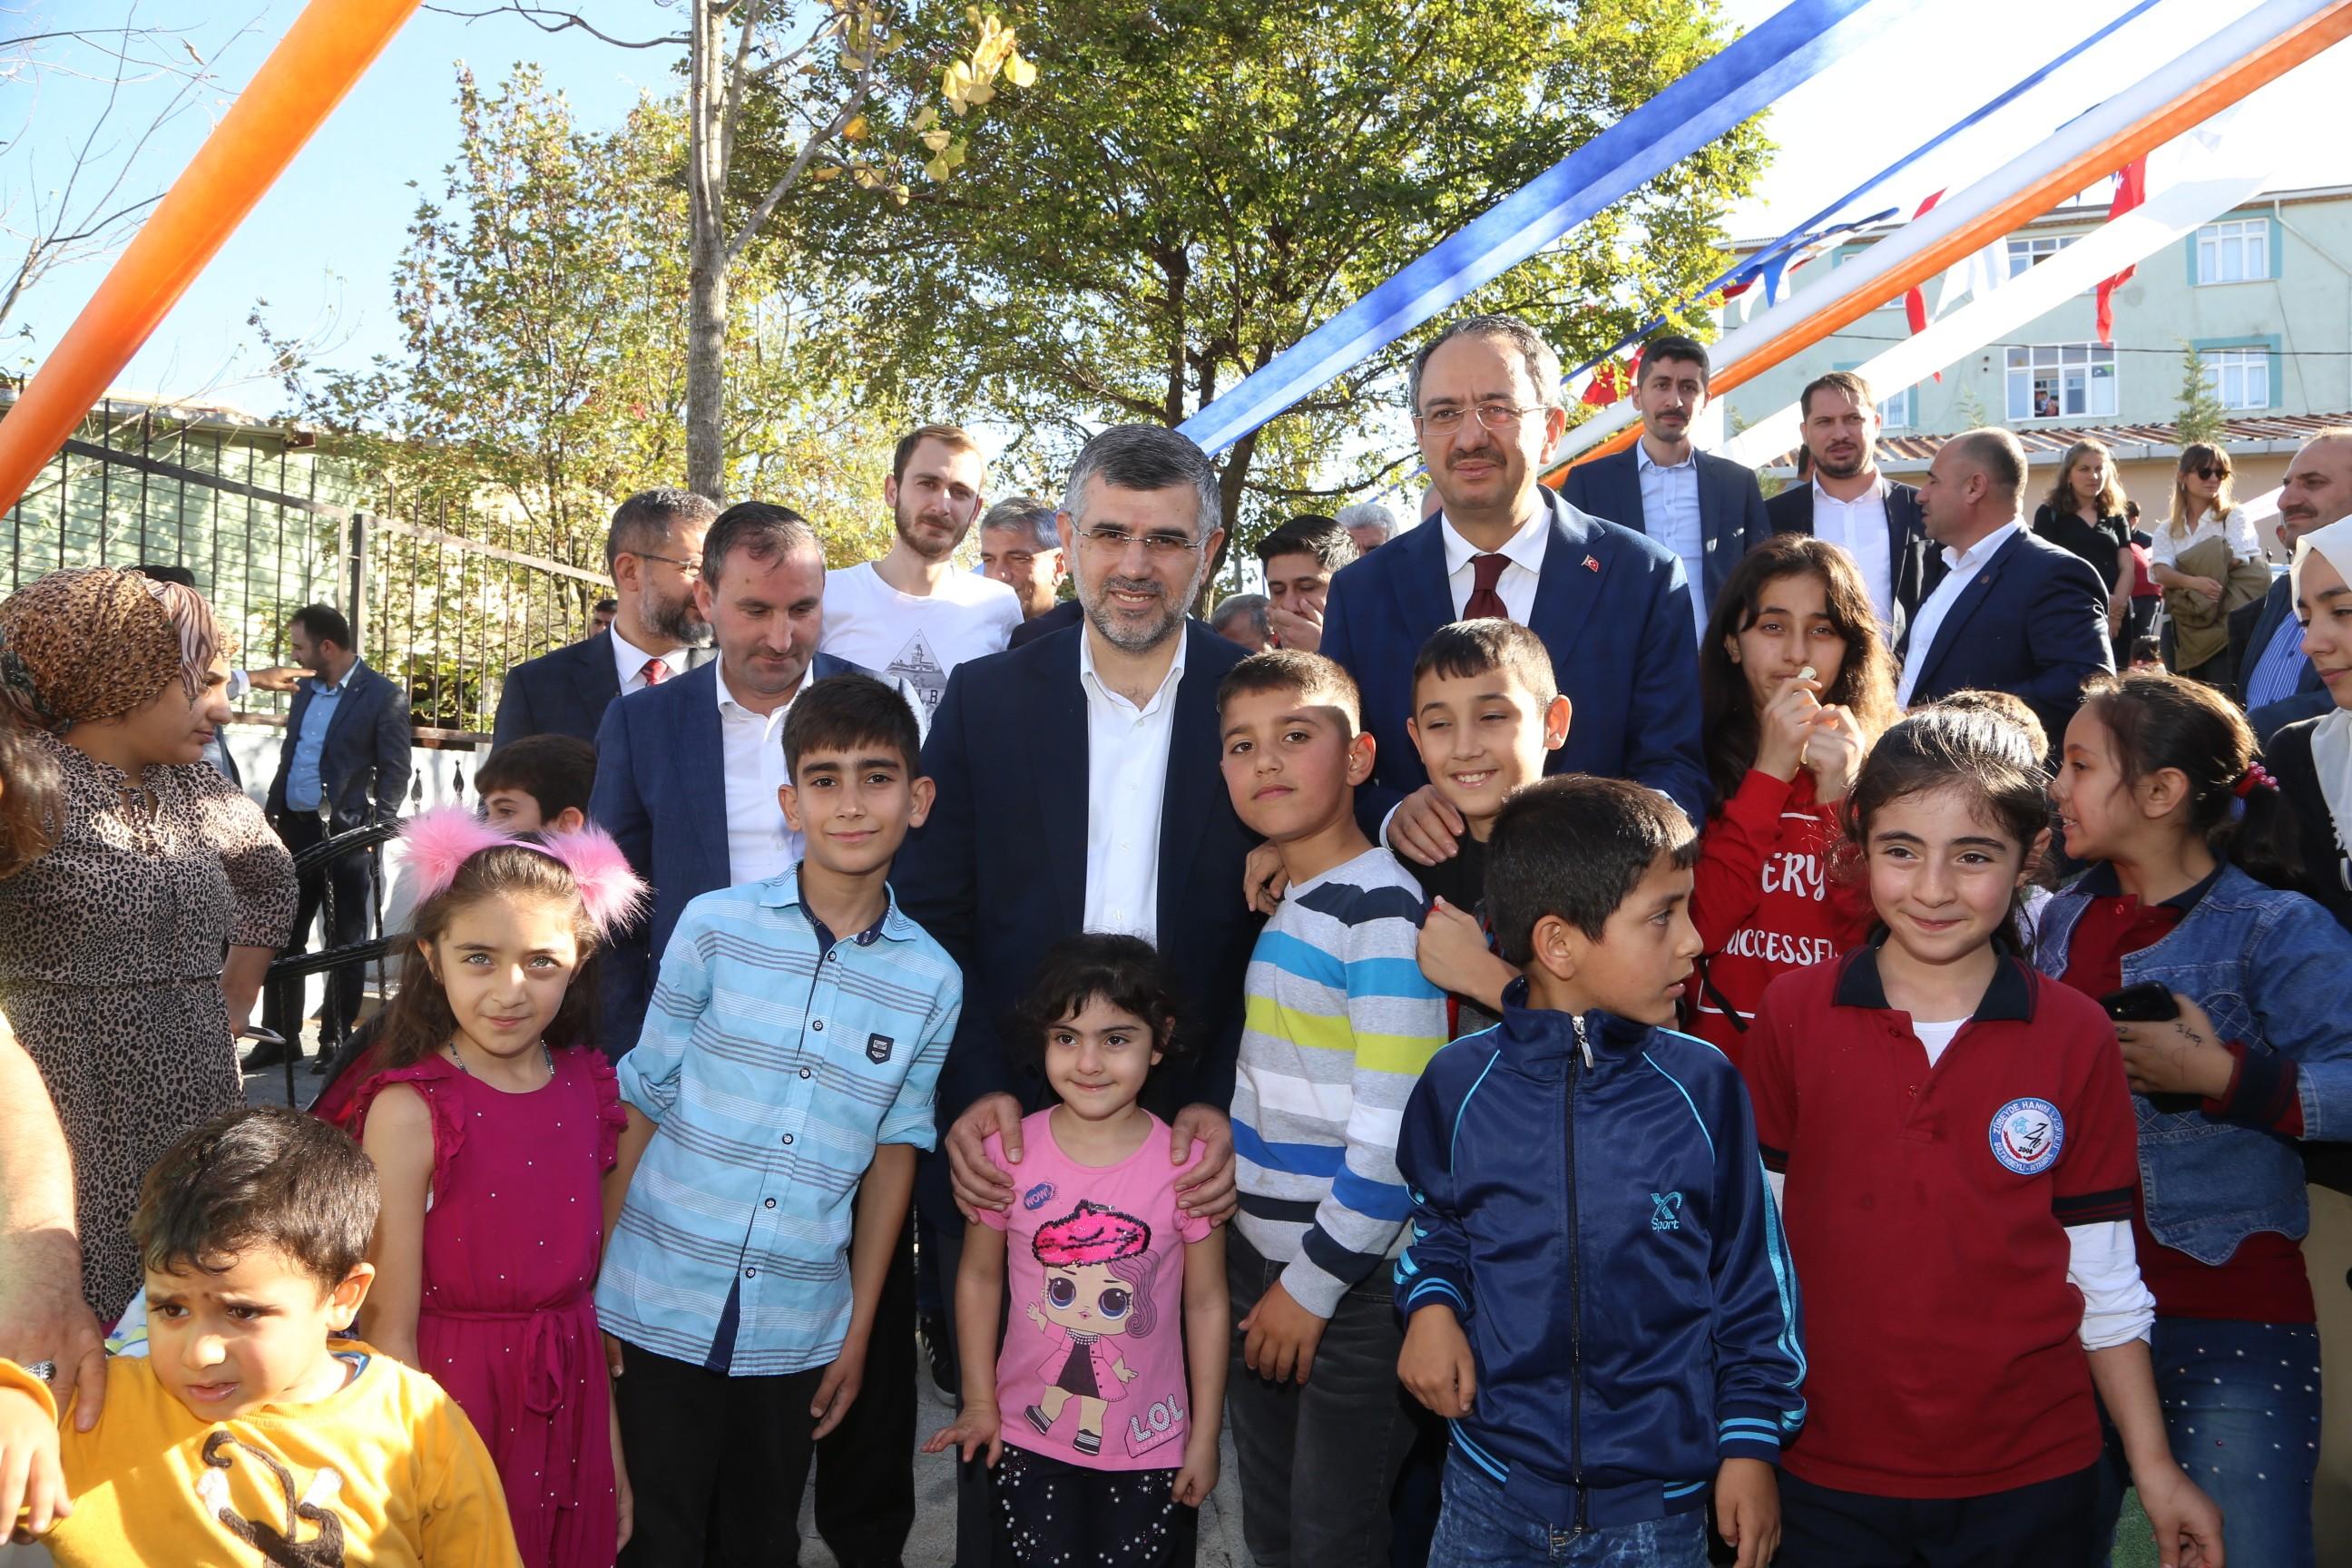 Sultanbeyli'de Miniklere Özel Park Açıldı